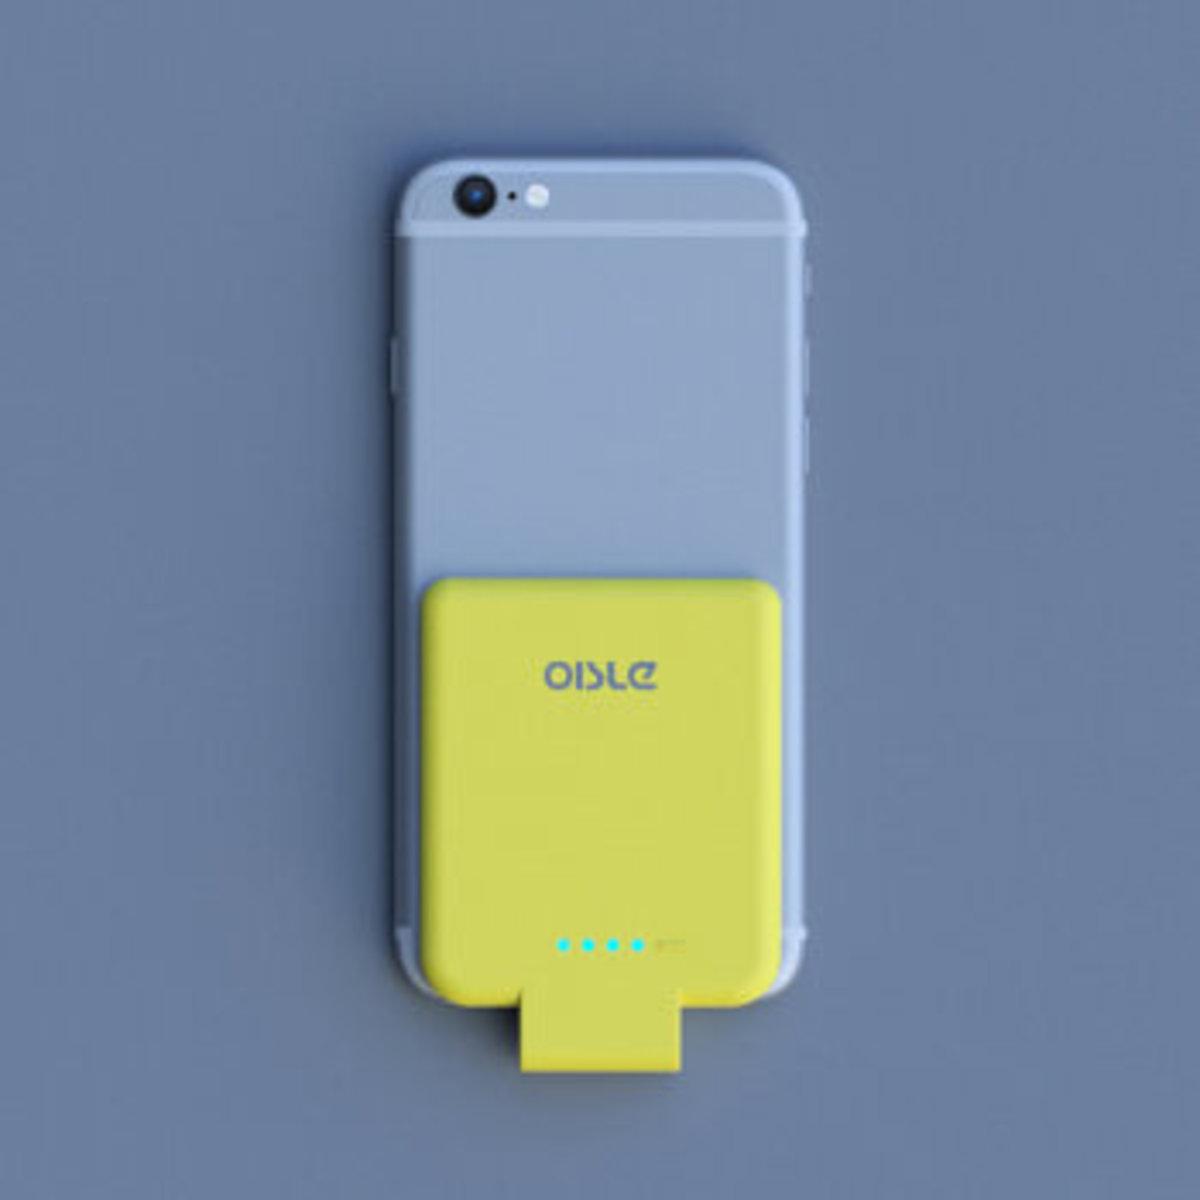 (黃色) Oisle iPhone Lightning 超薄無線背夾式充電器 2800mAh